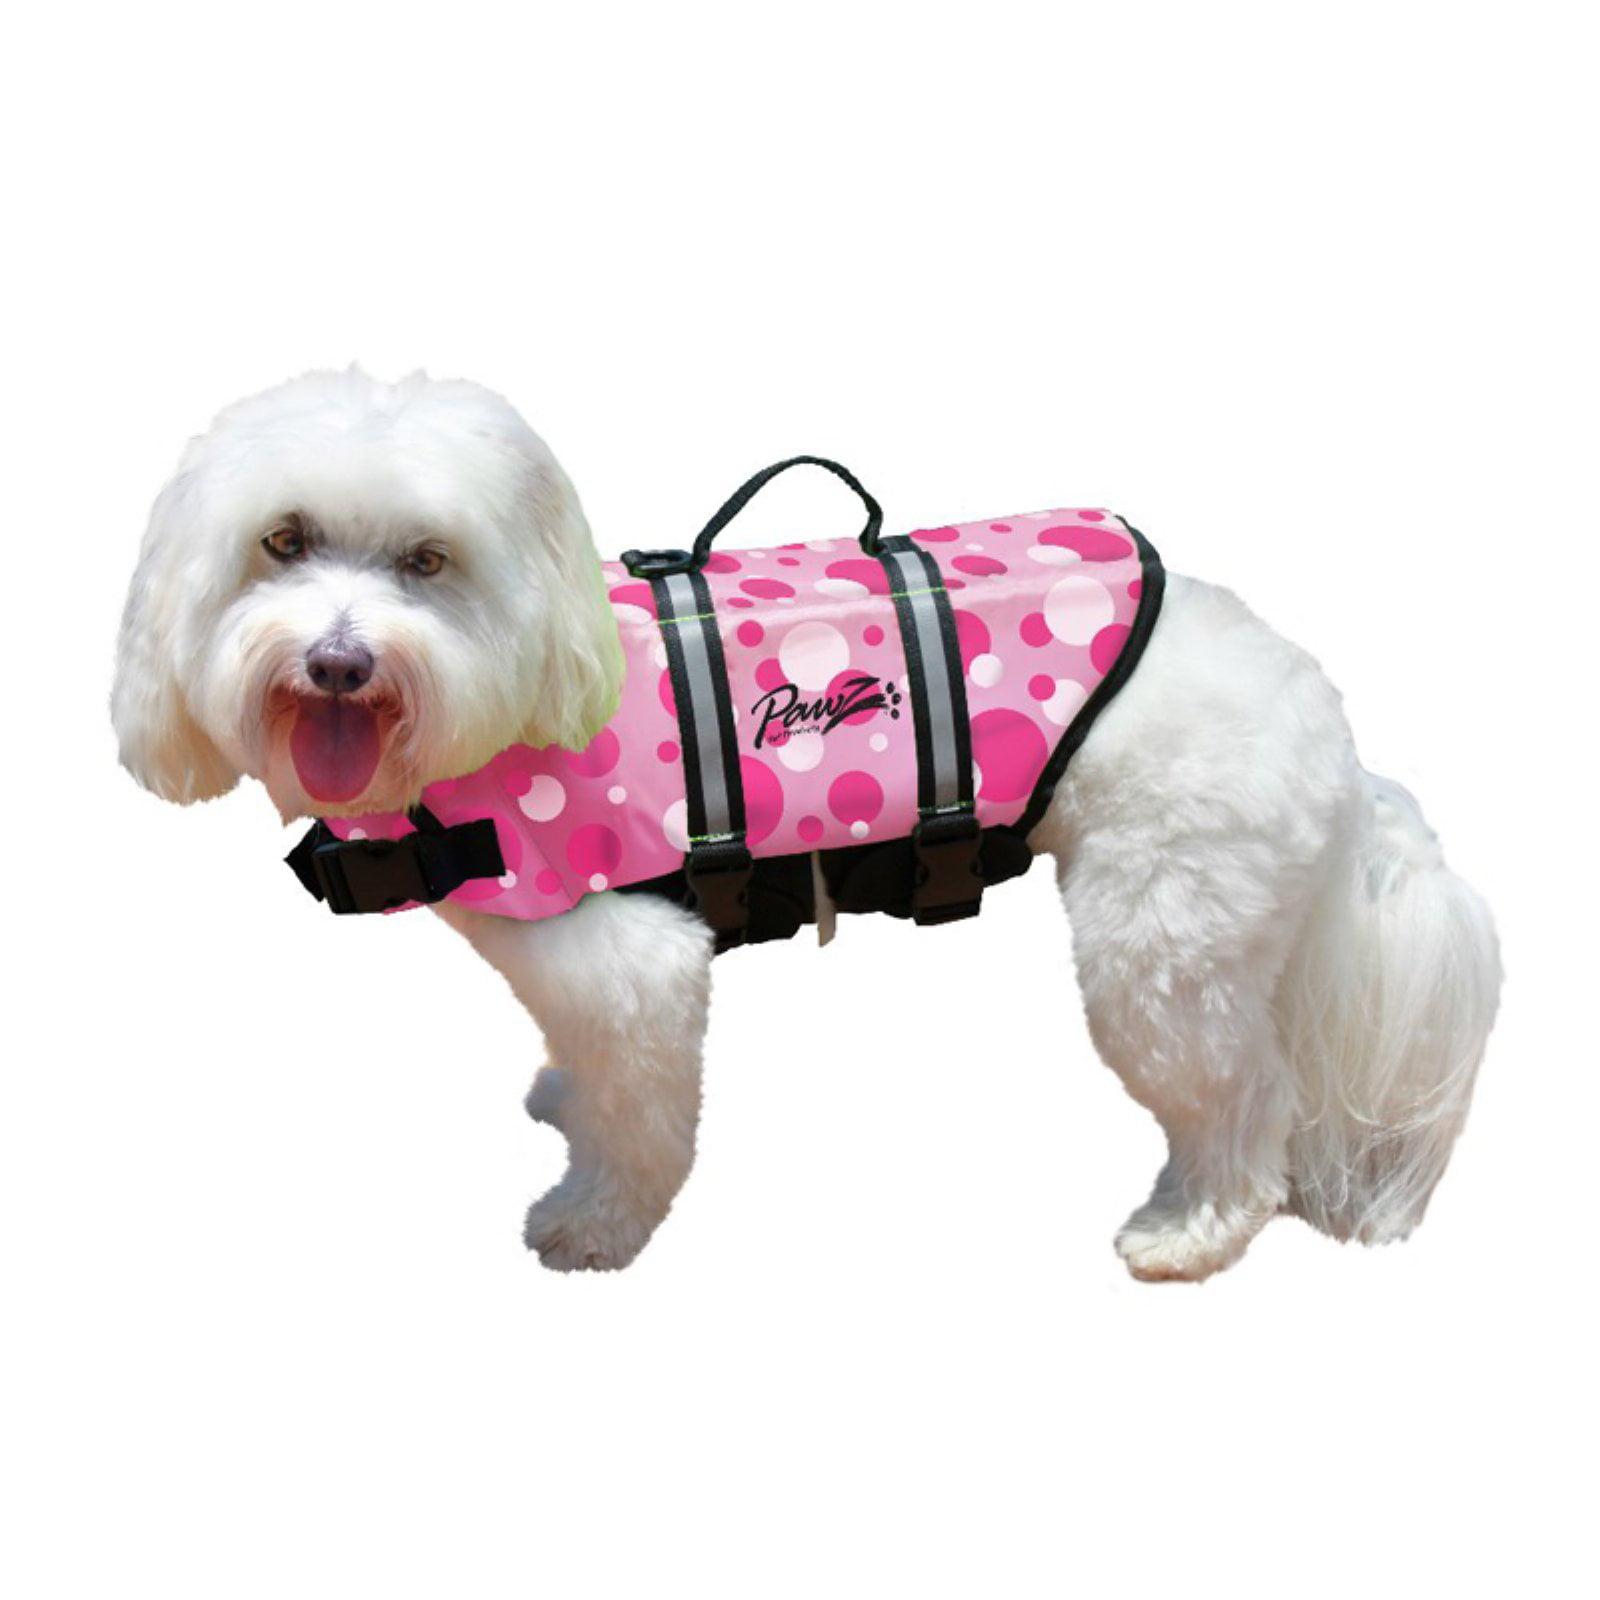 Pawz Pet Products Nylon Dog Life Jacket, Large, Pink Bubbles